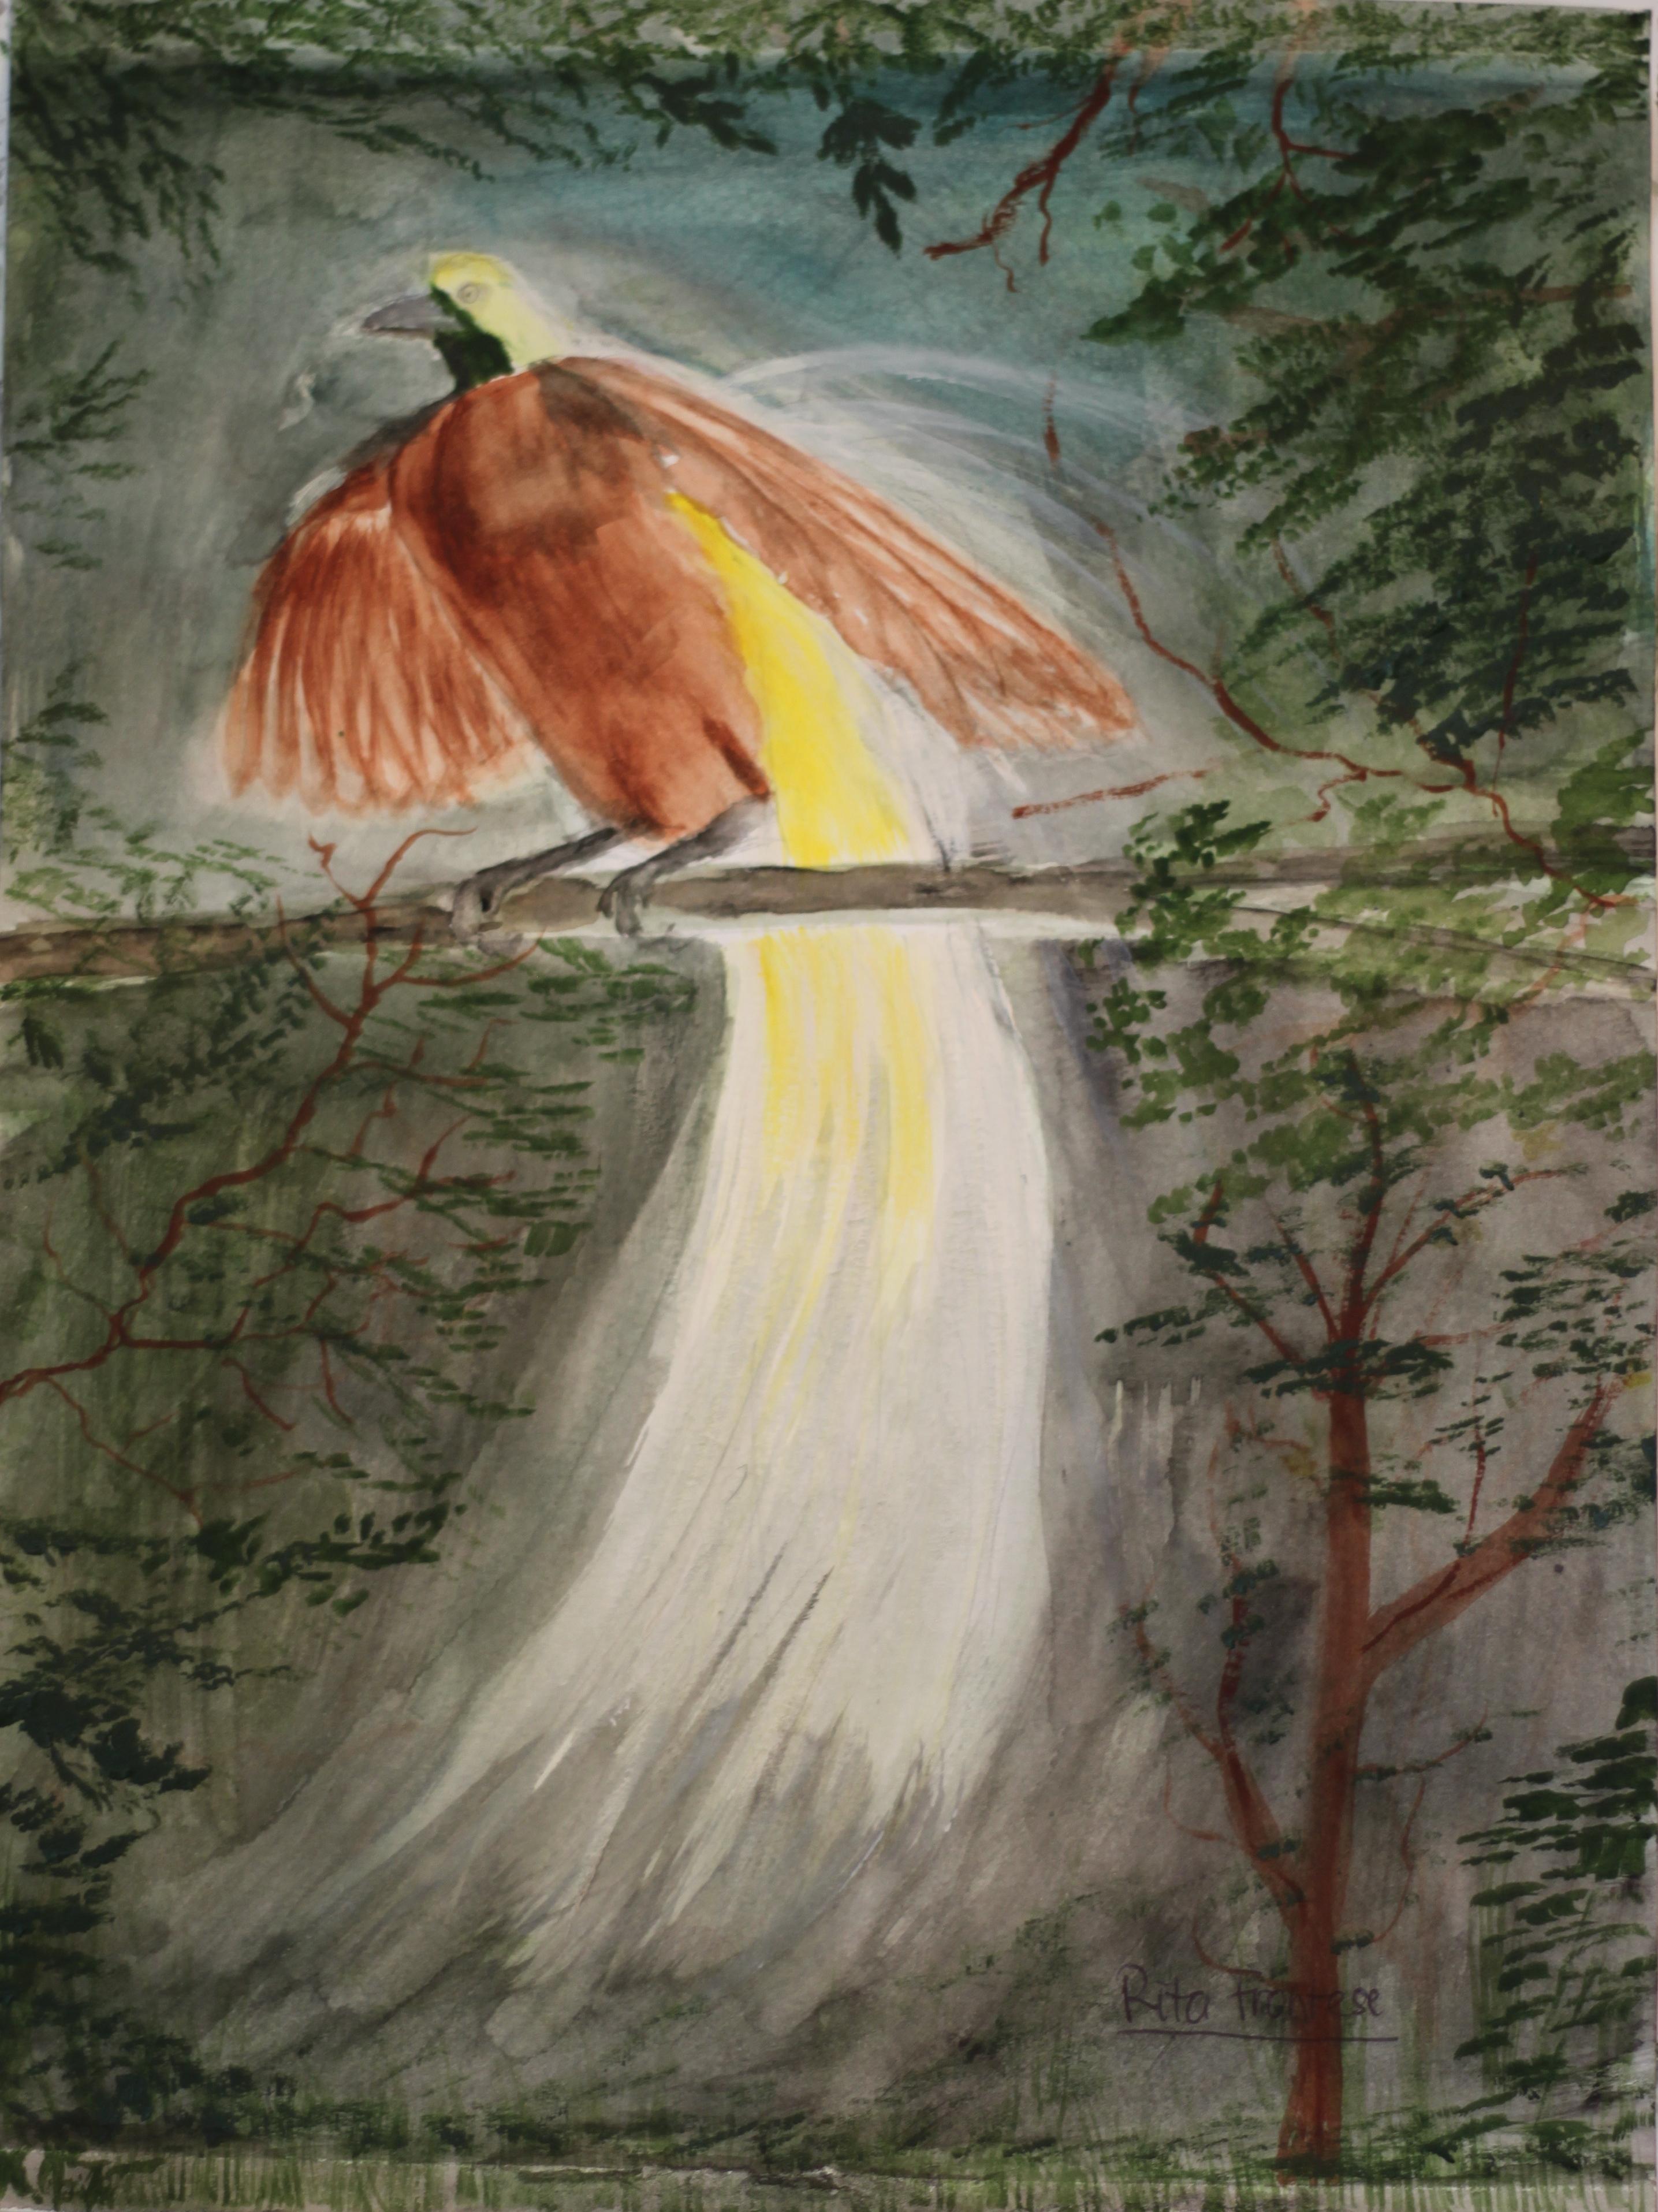 Cendrawasih (Bird of Paradise)